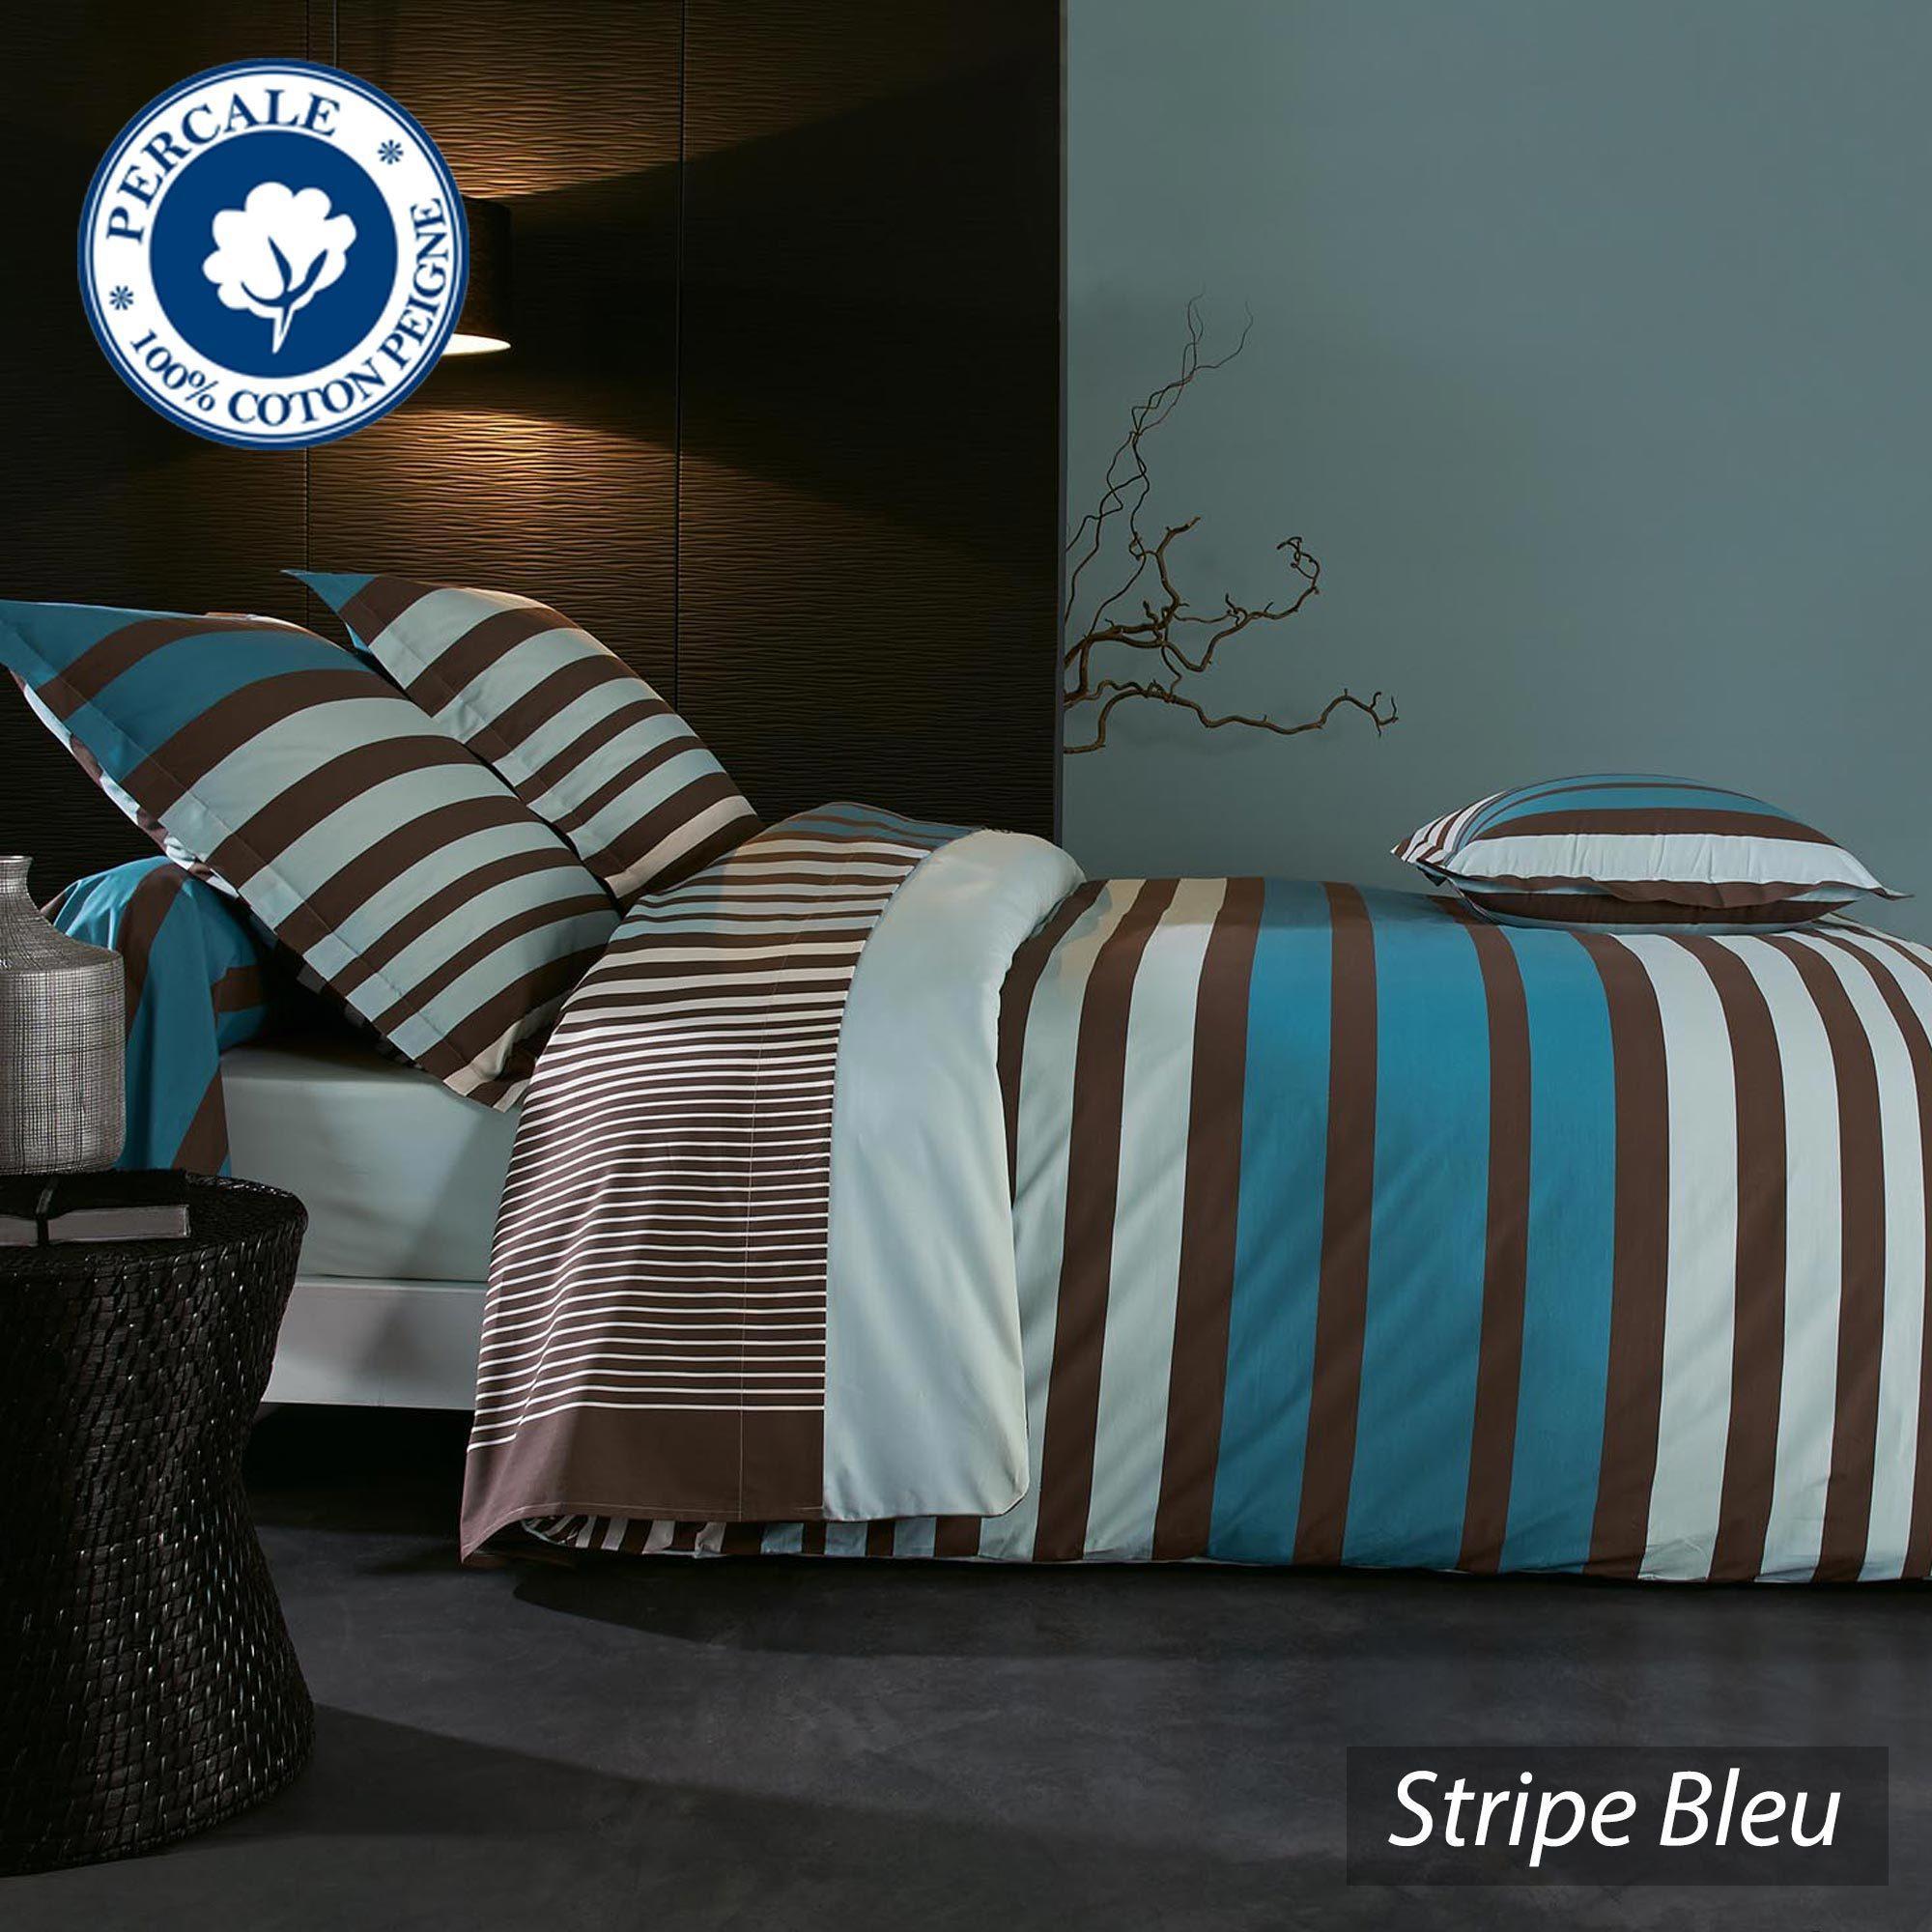 parure de lit percale pur coton peign 280x240 cm stripe bleu linnea vente de linge de maison. Black Bedroom Furniture Sets. Home Design Ideas